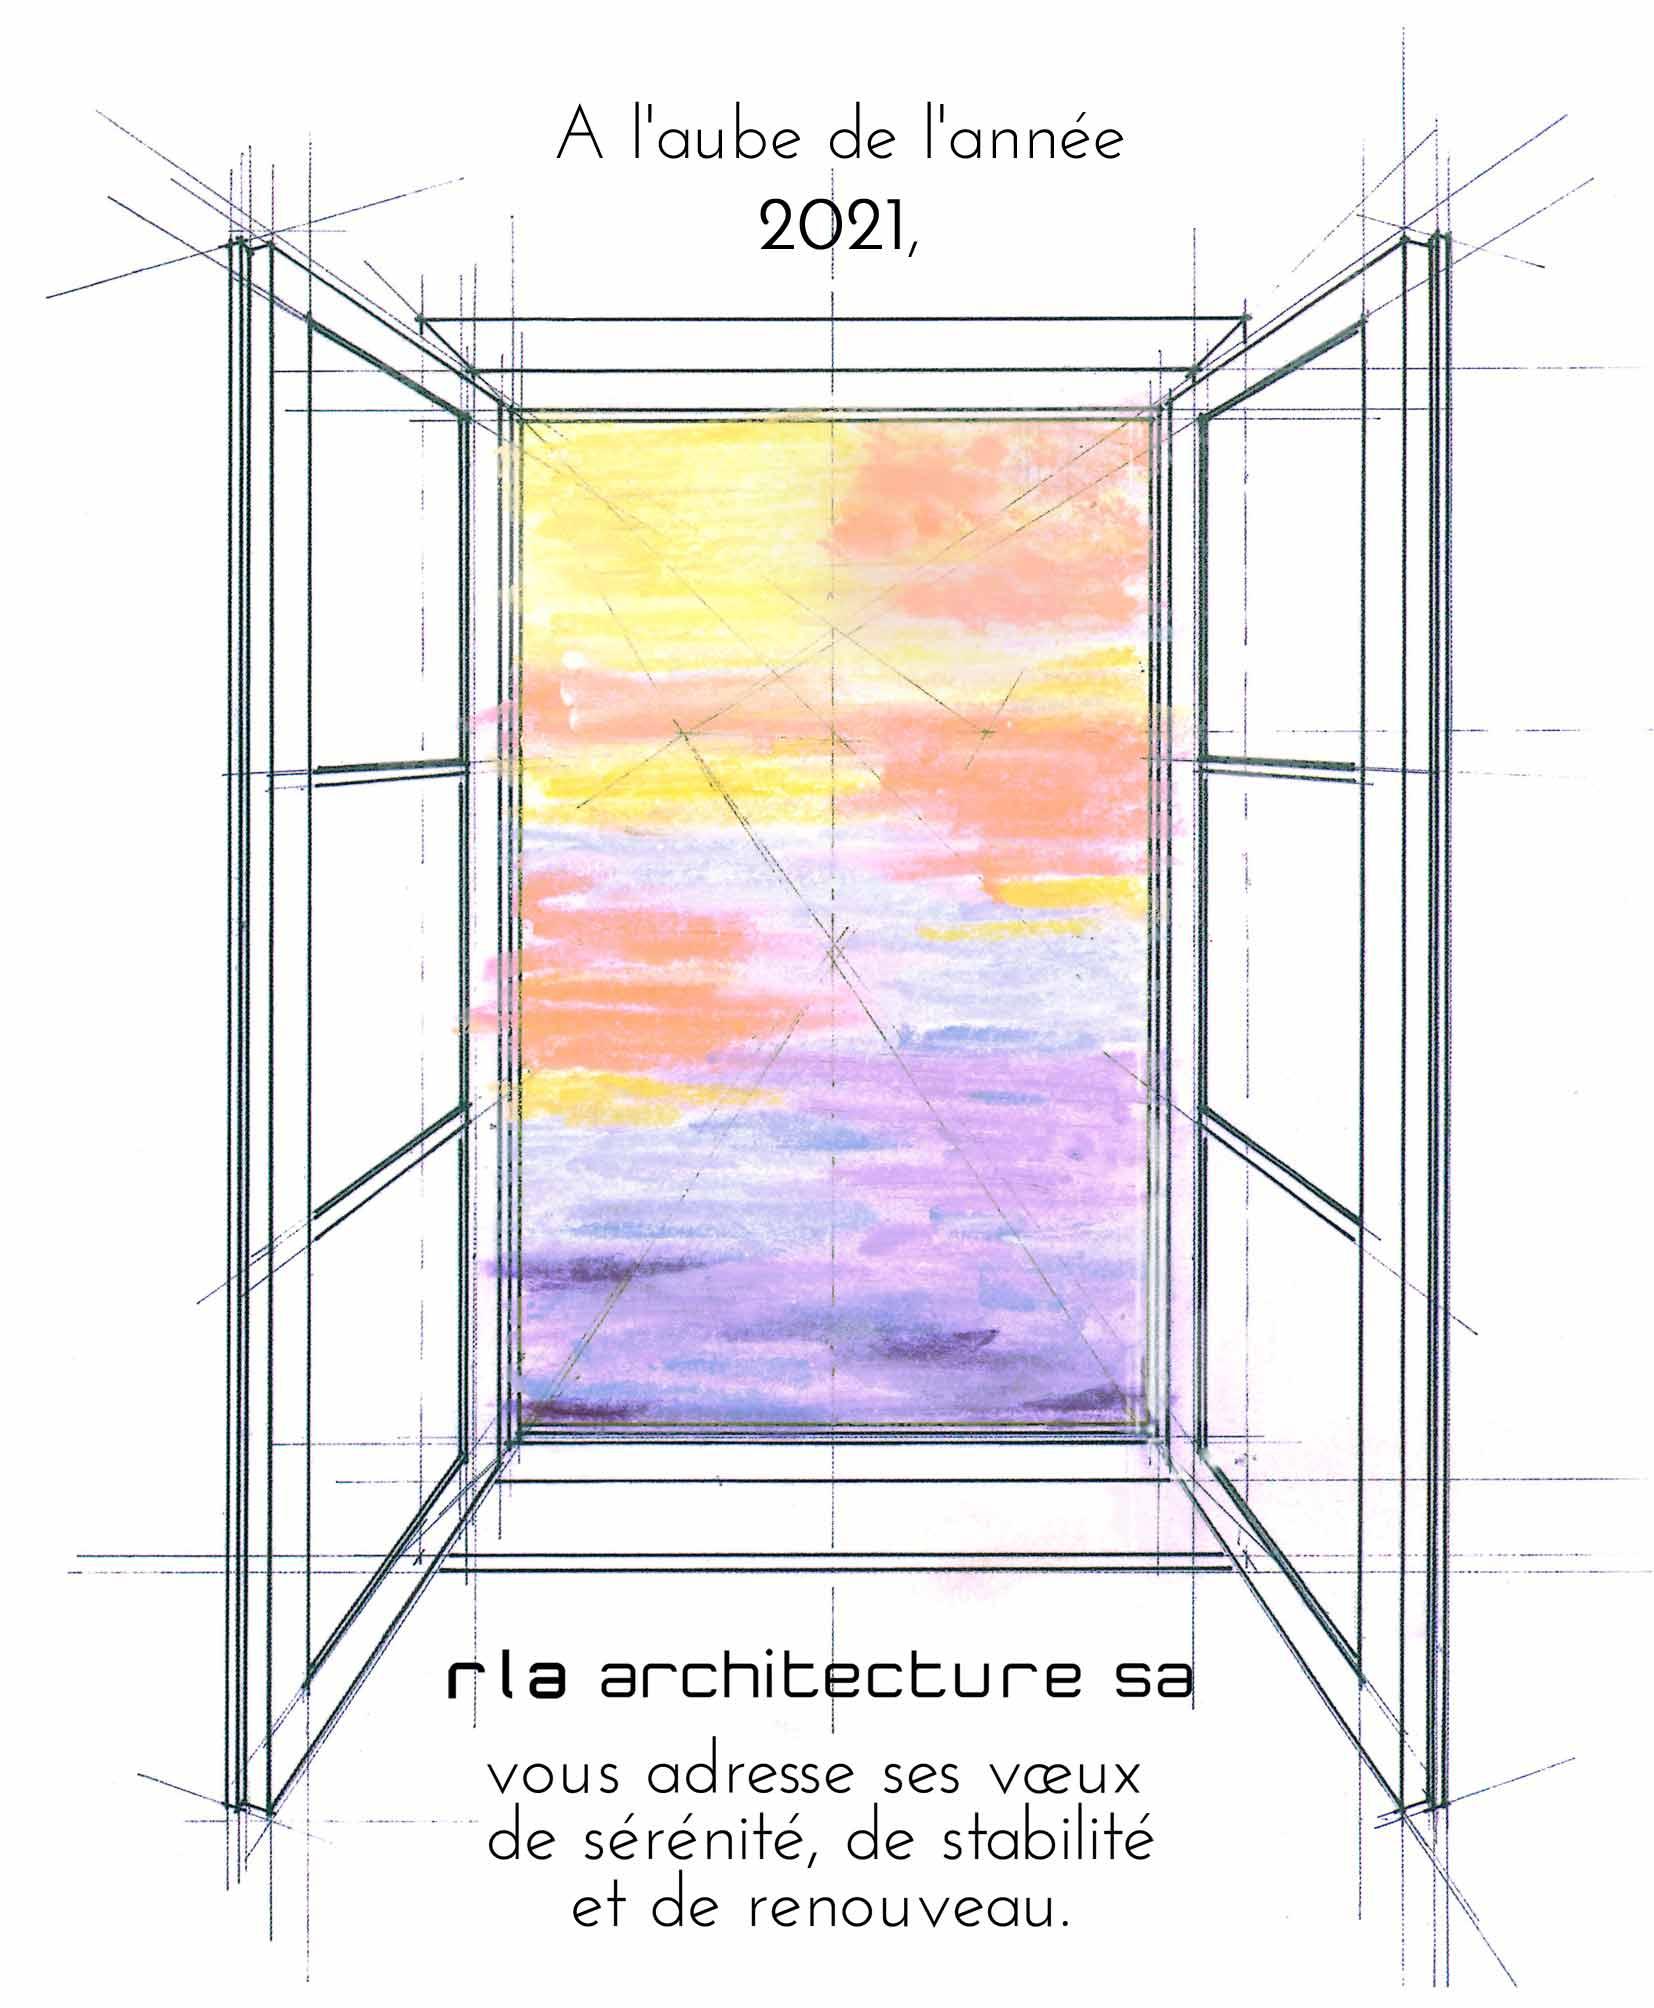 voeux pour 2021